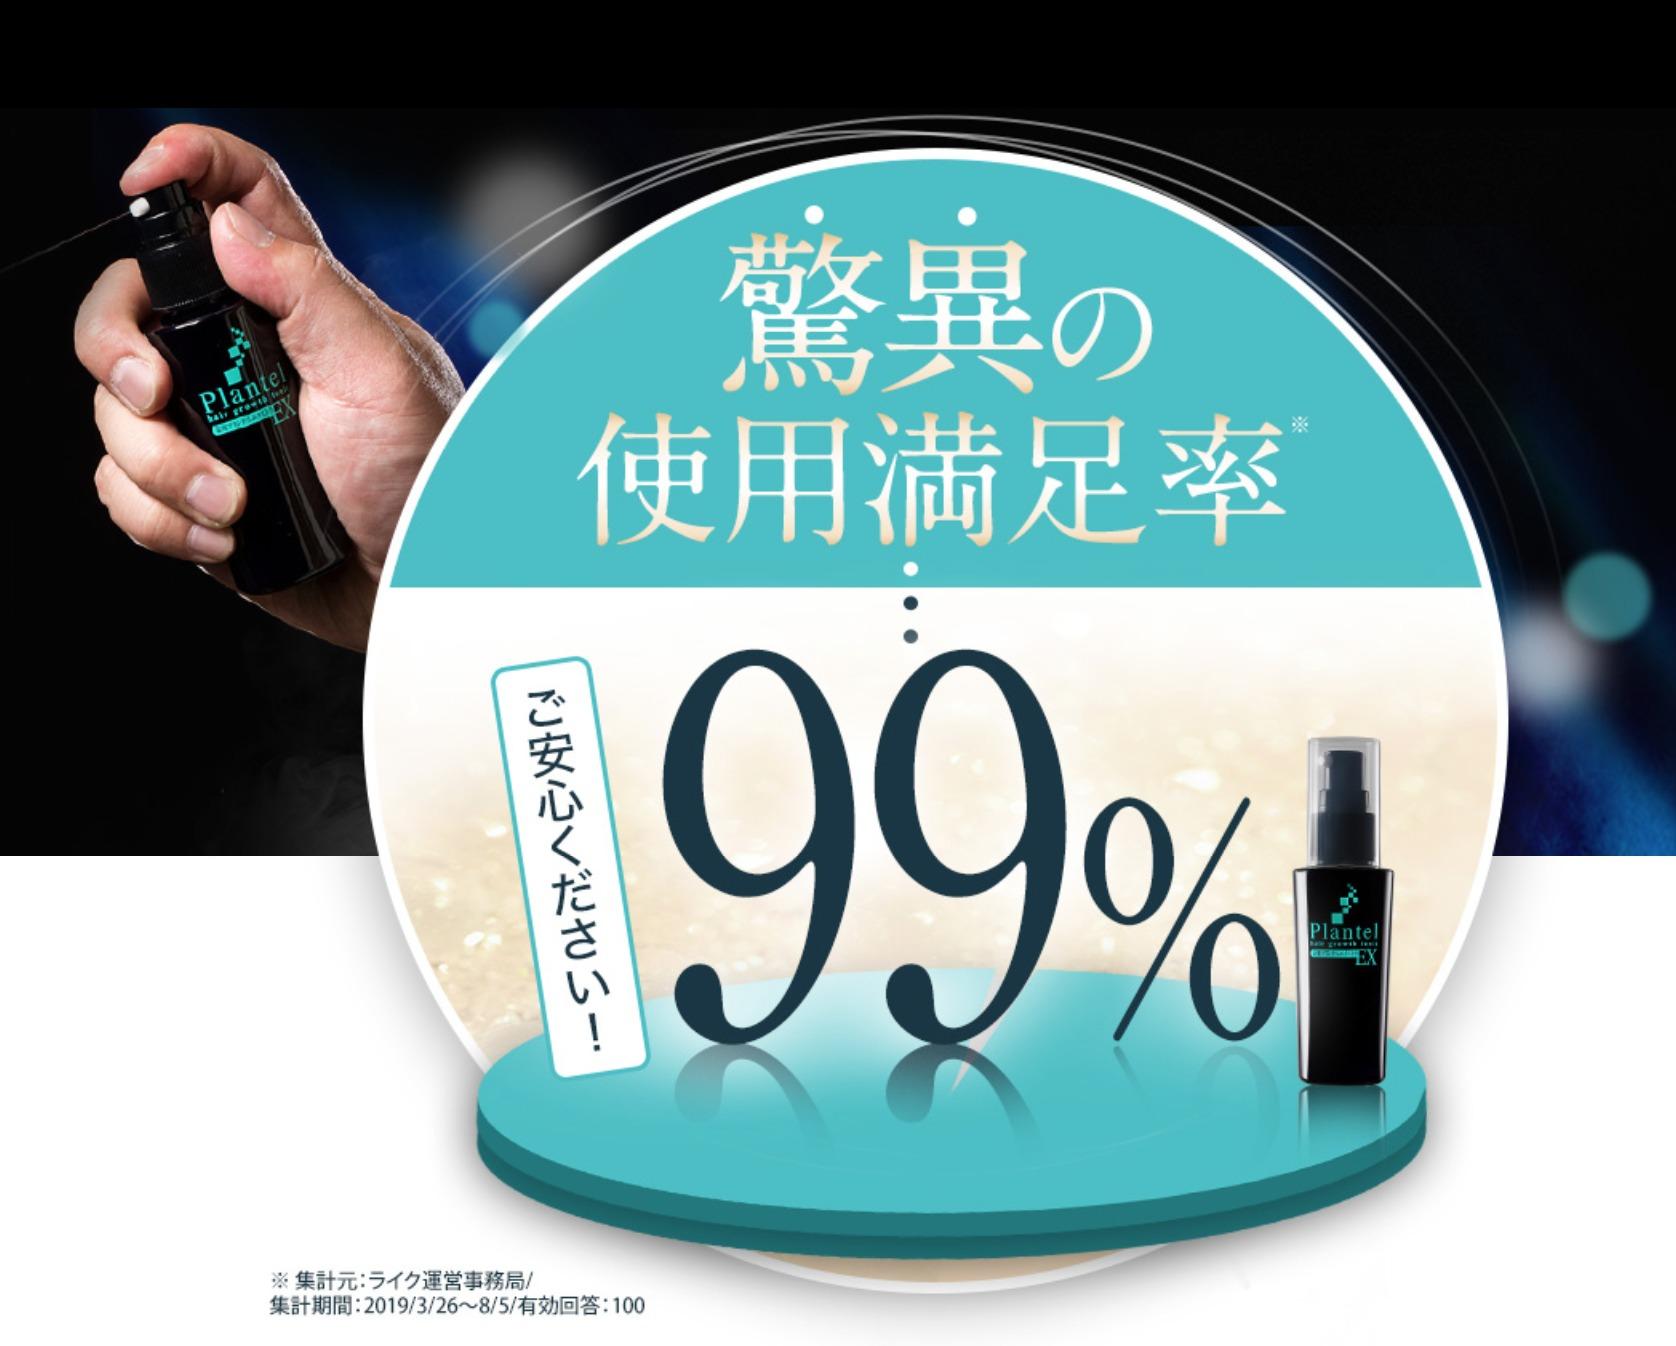 プランテル使用満足度99%